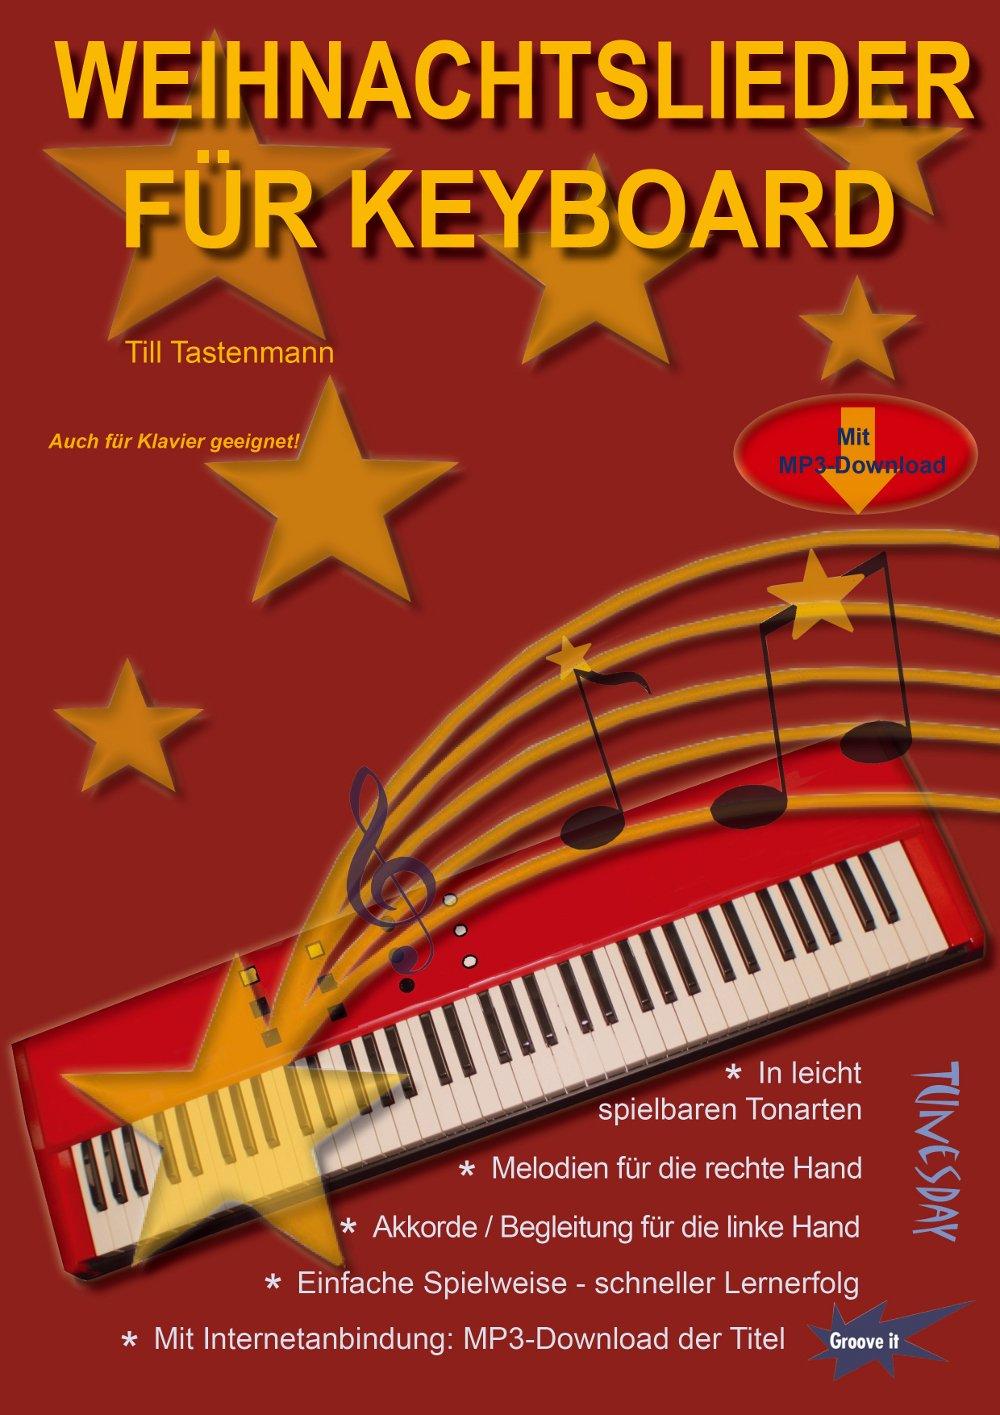 Weihnachtslieder für Keyboard & Klavier - Noten mit MP3-Download ...